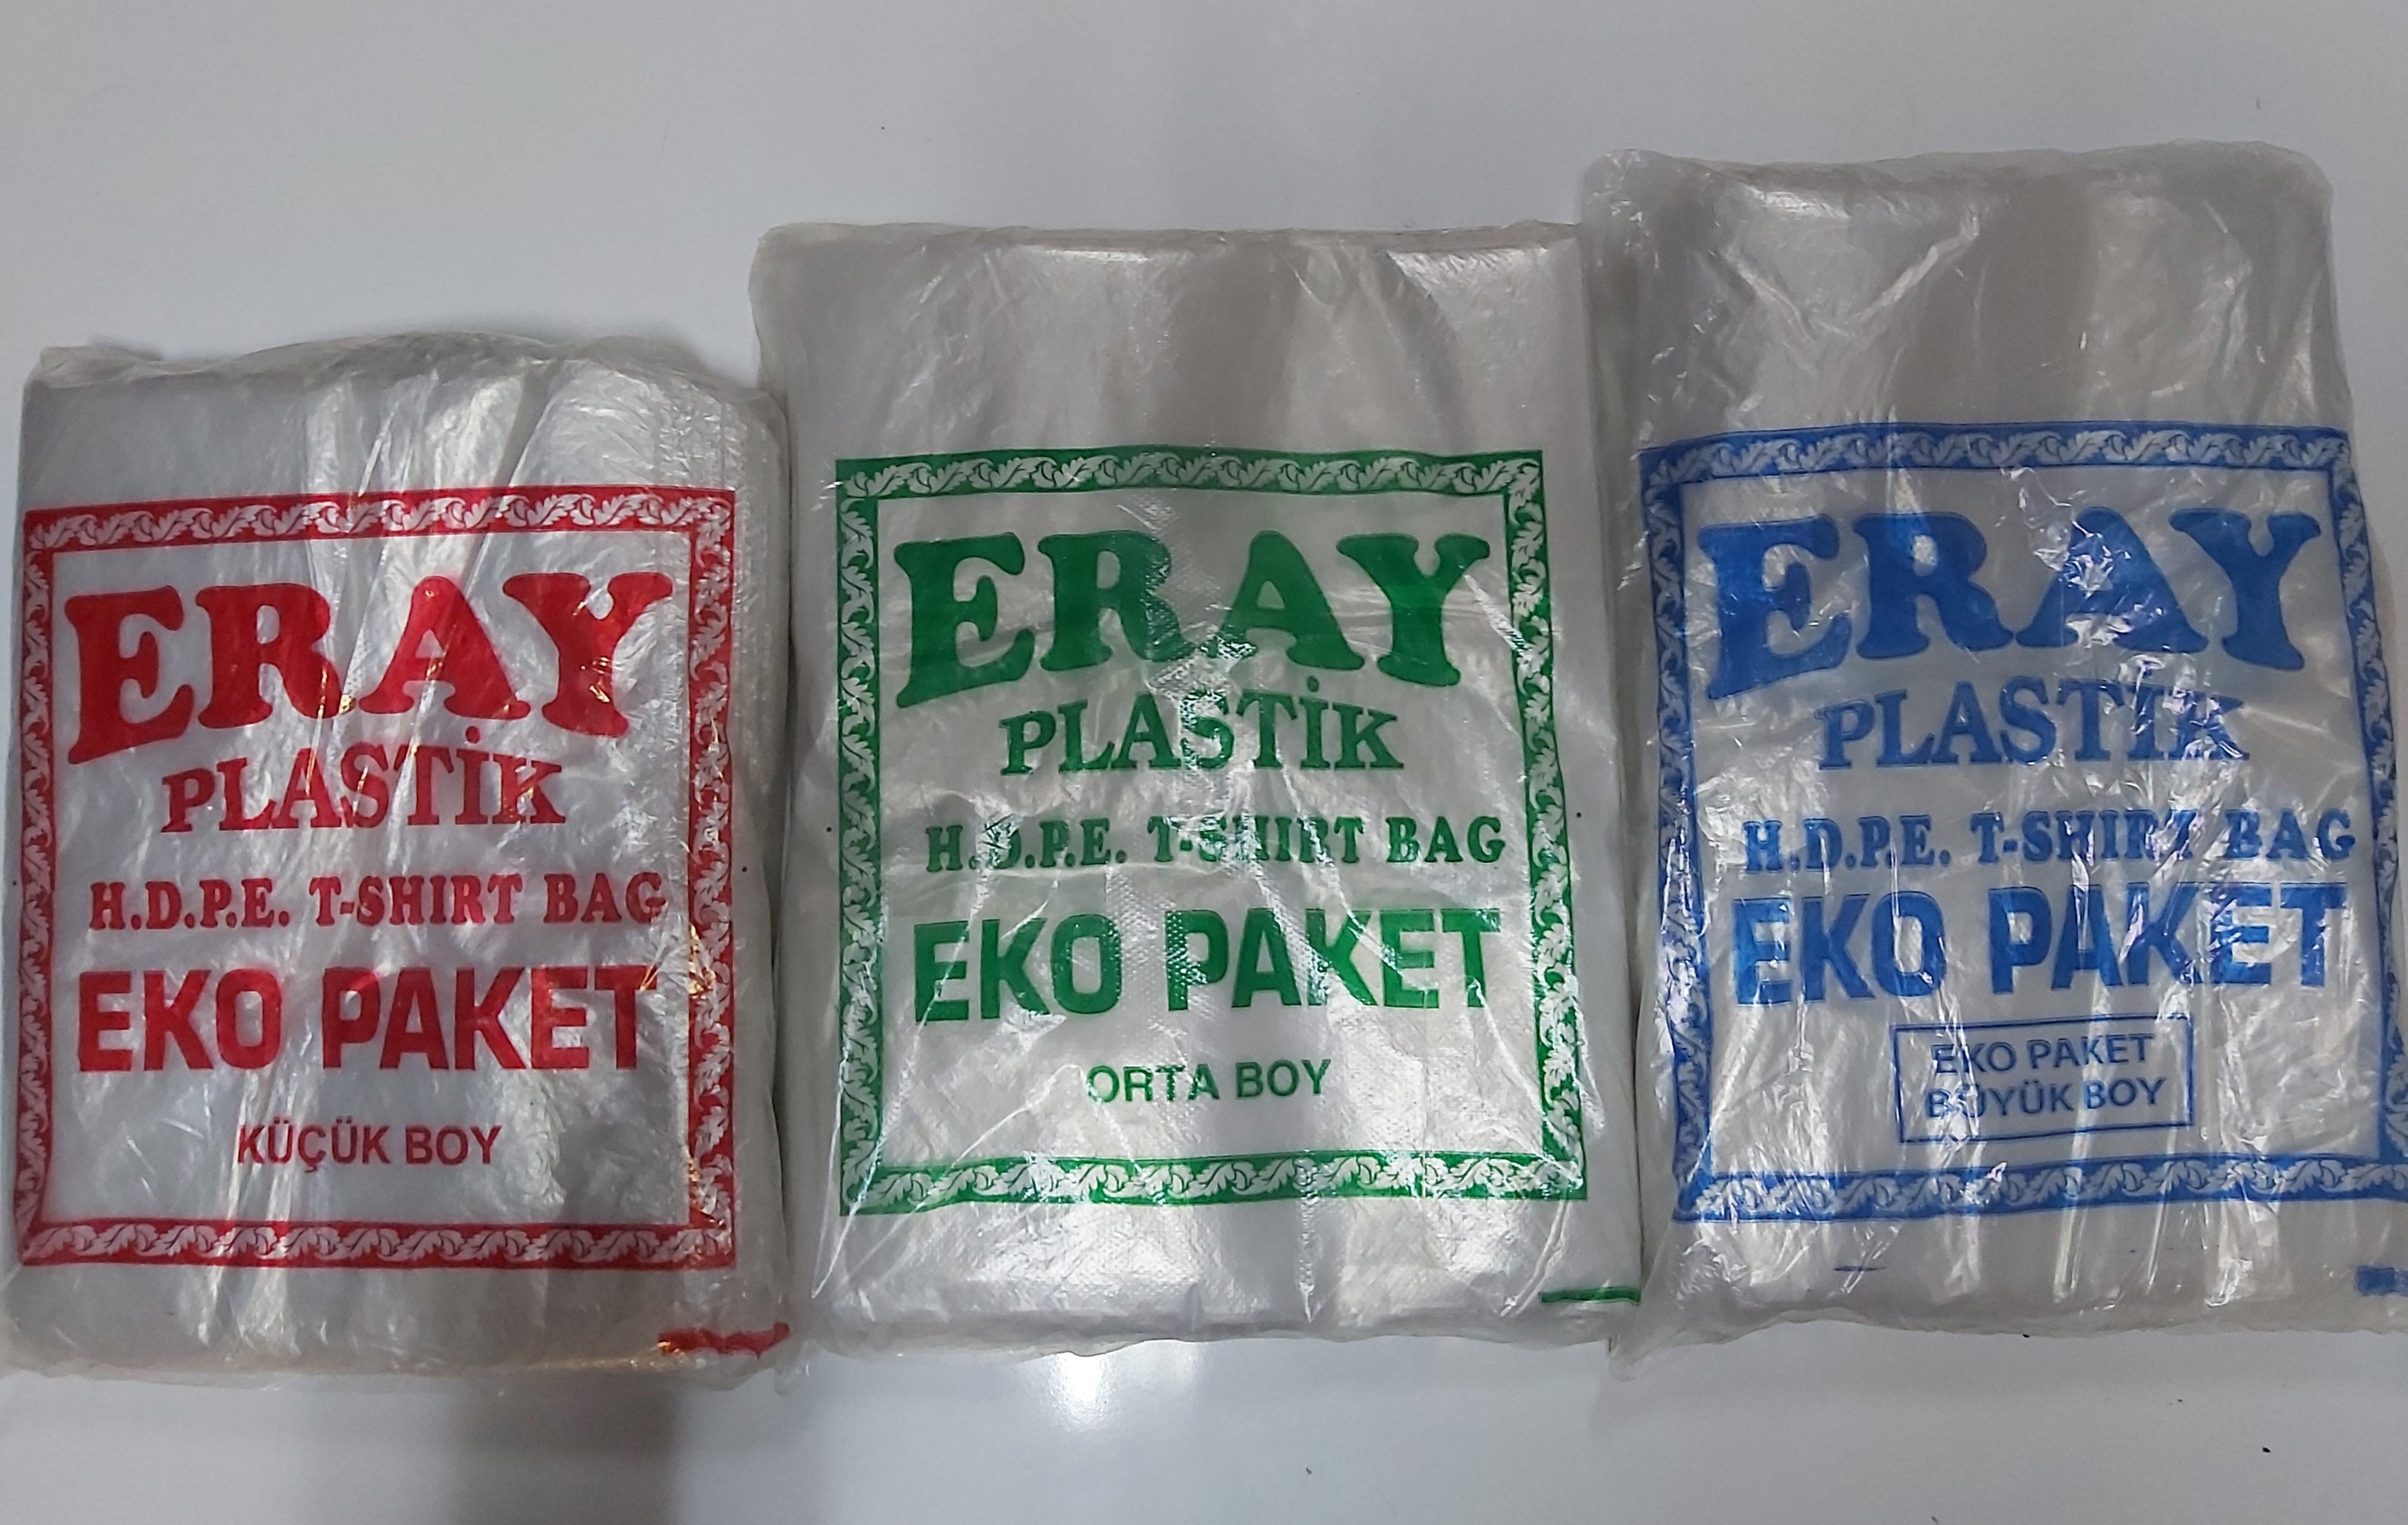 Eray Küçük Boy Eko Paket